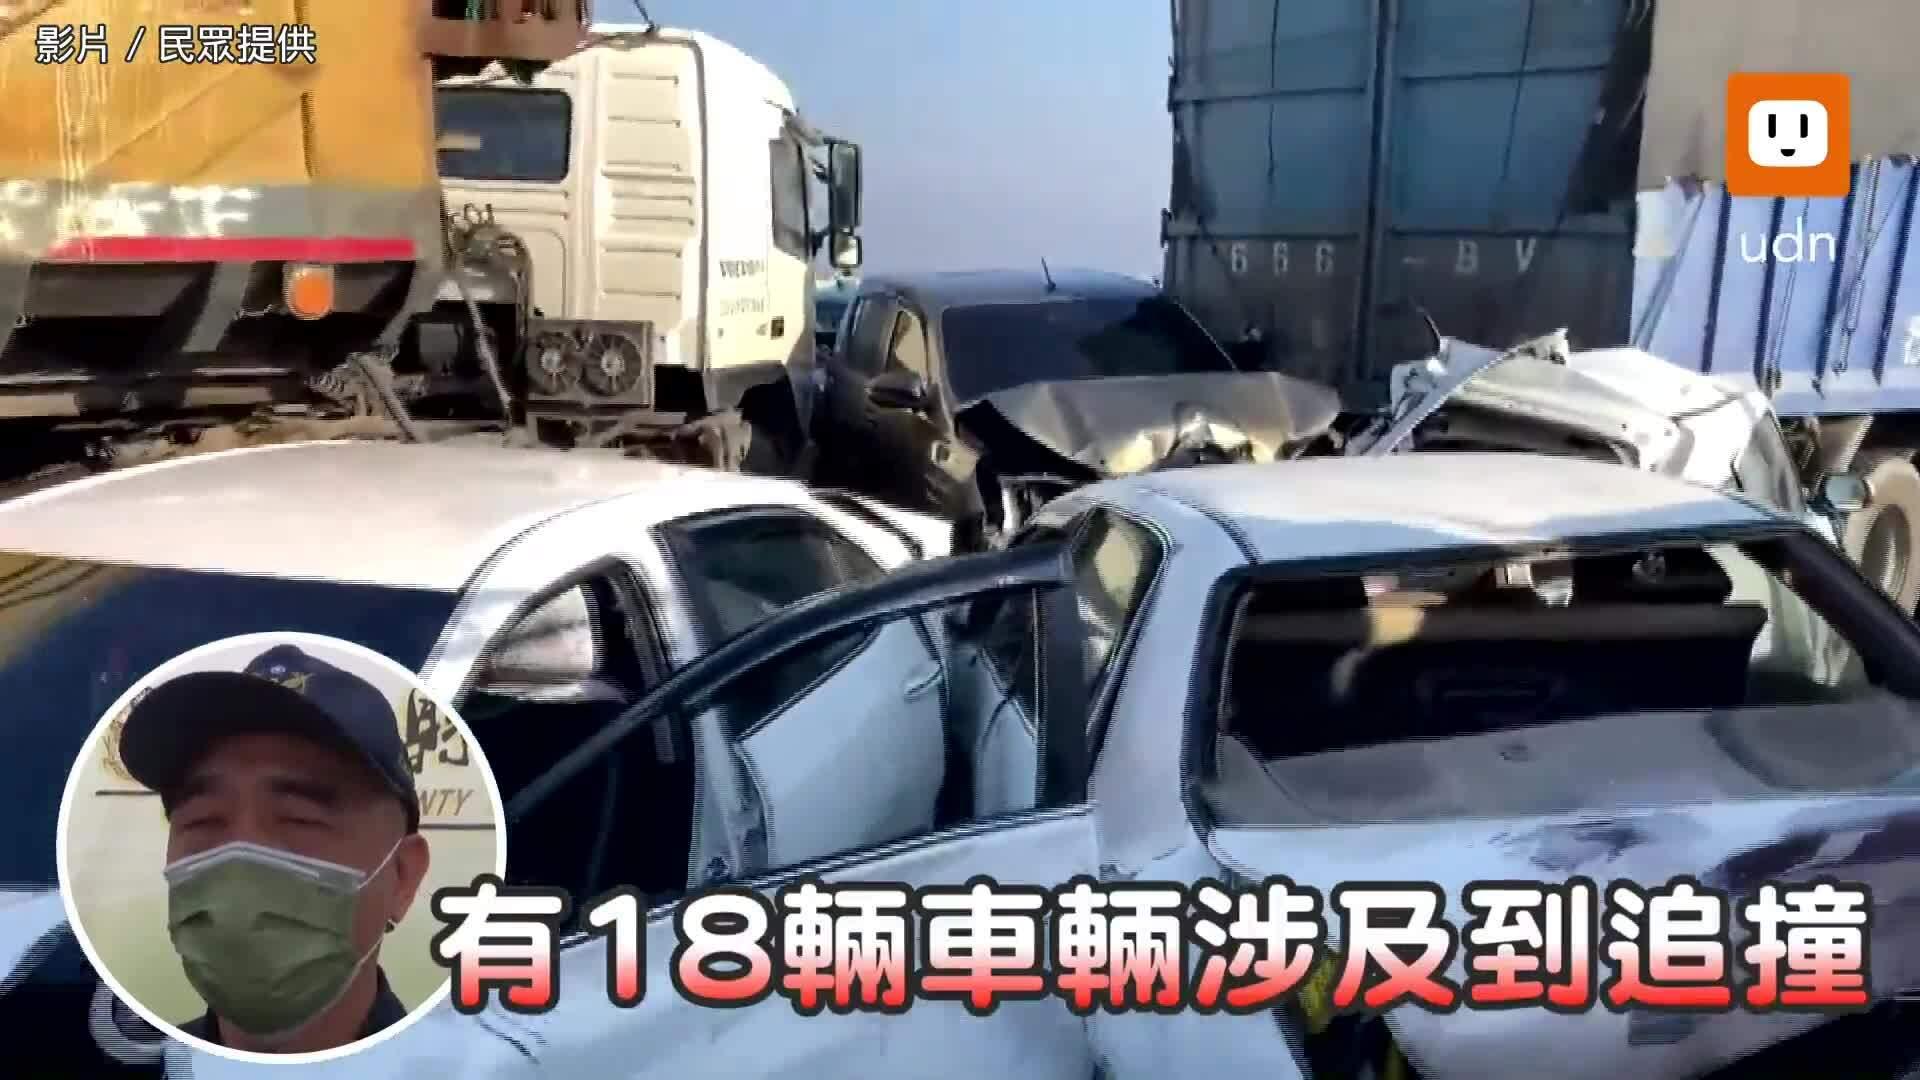 21 ôtô đâm dồn toa, 10 người thương vong